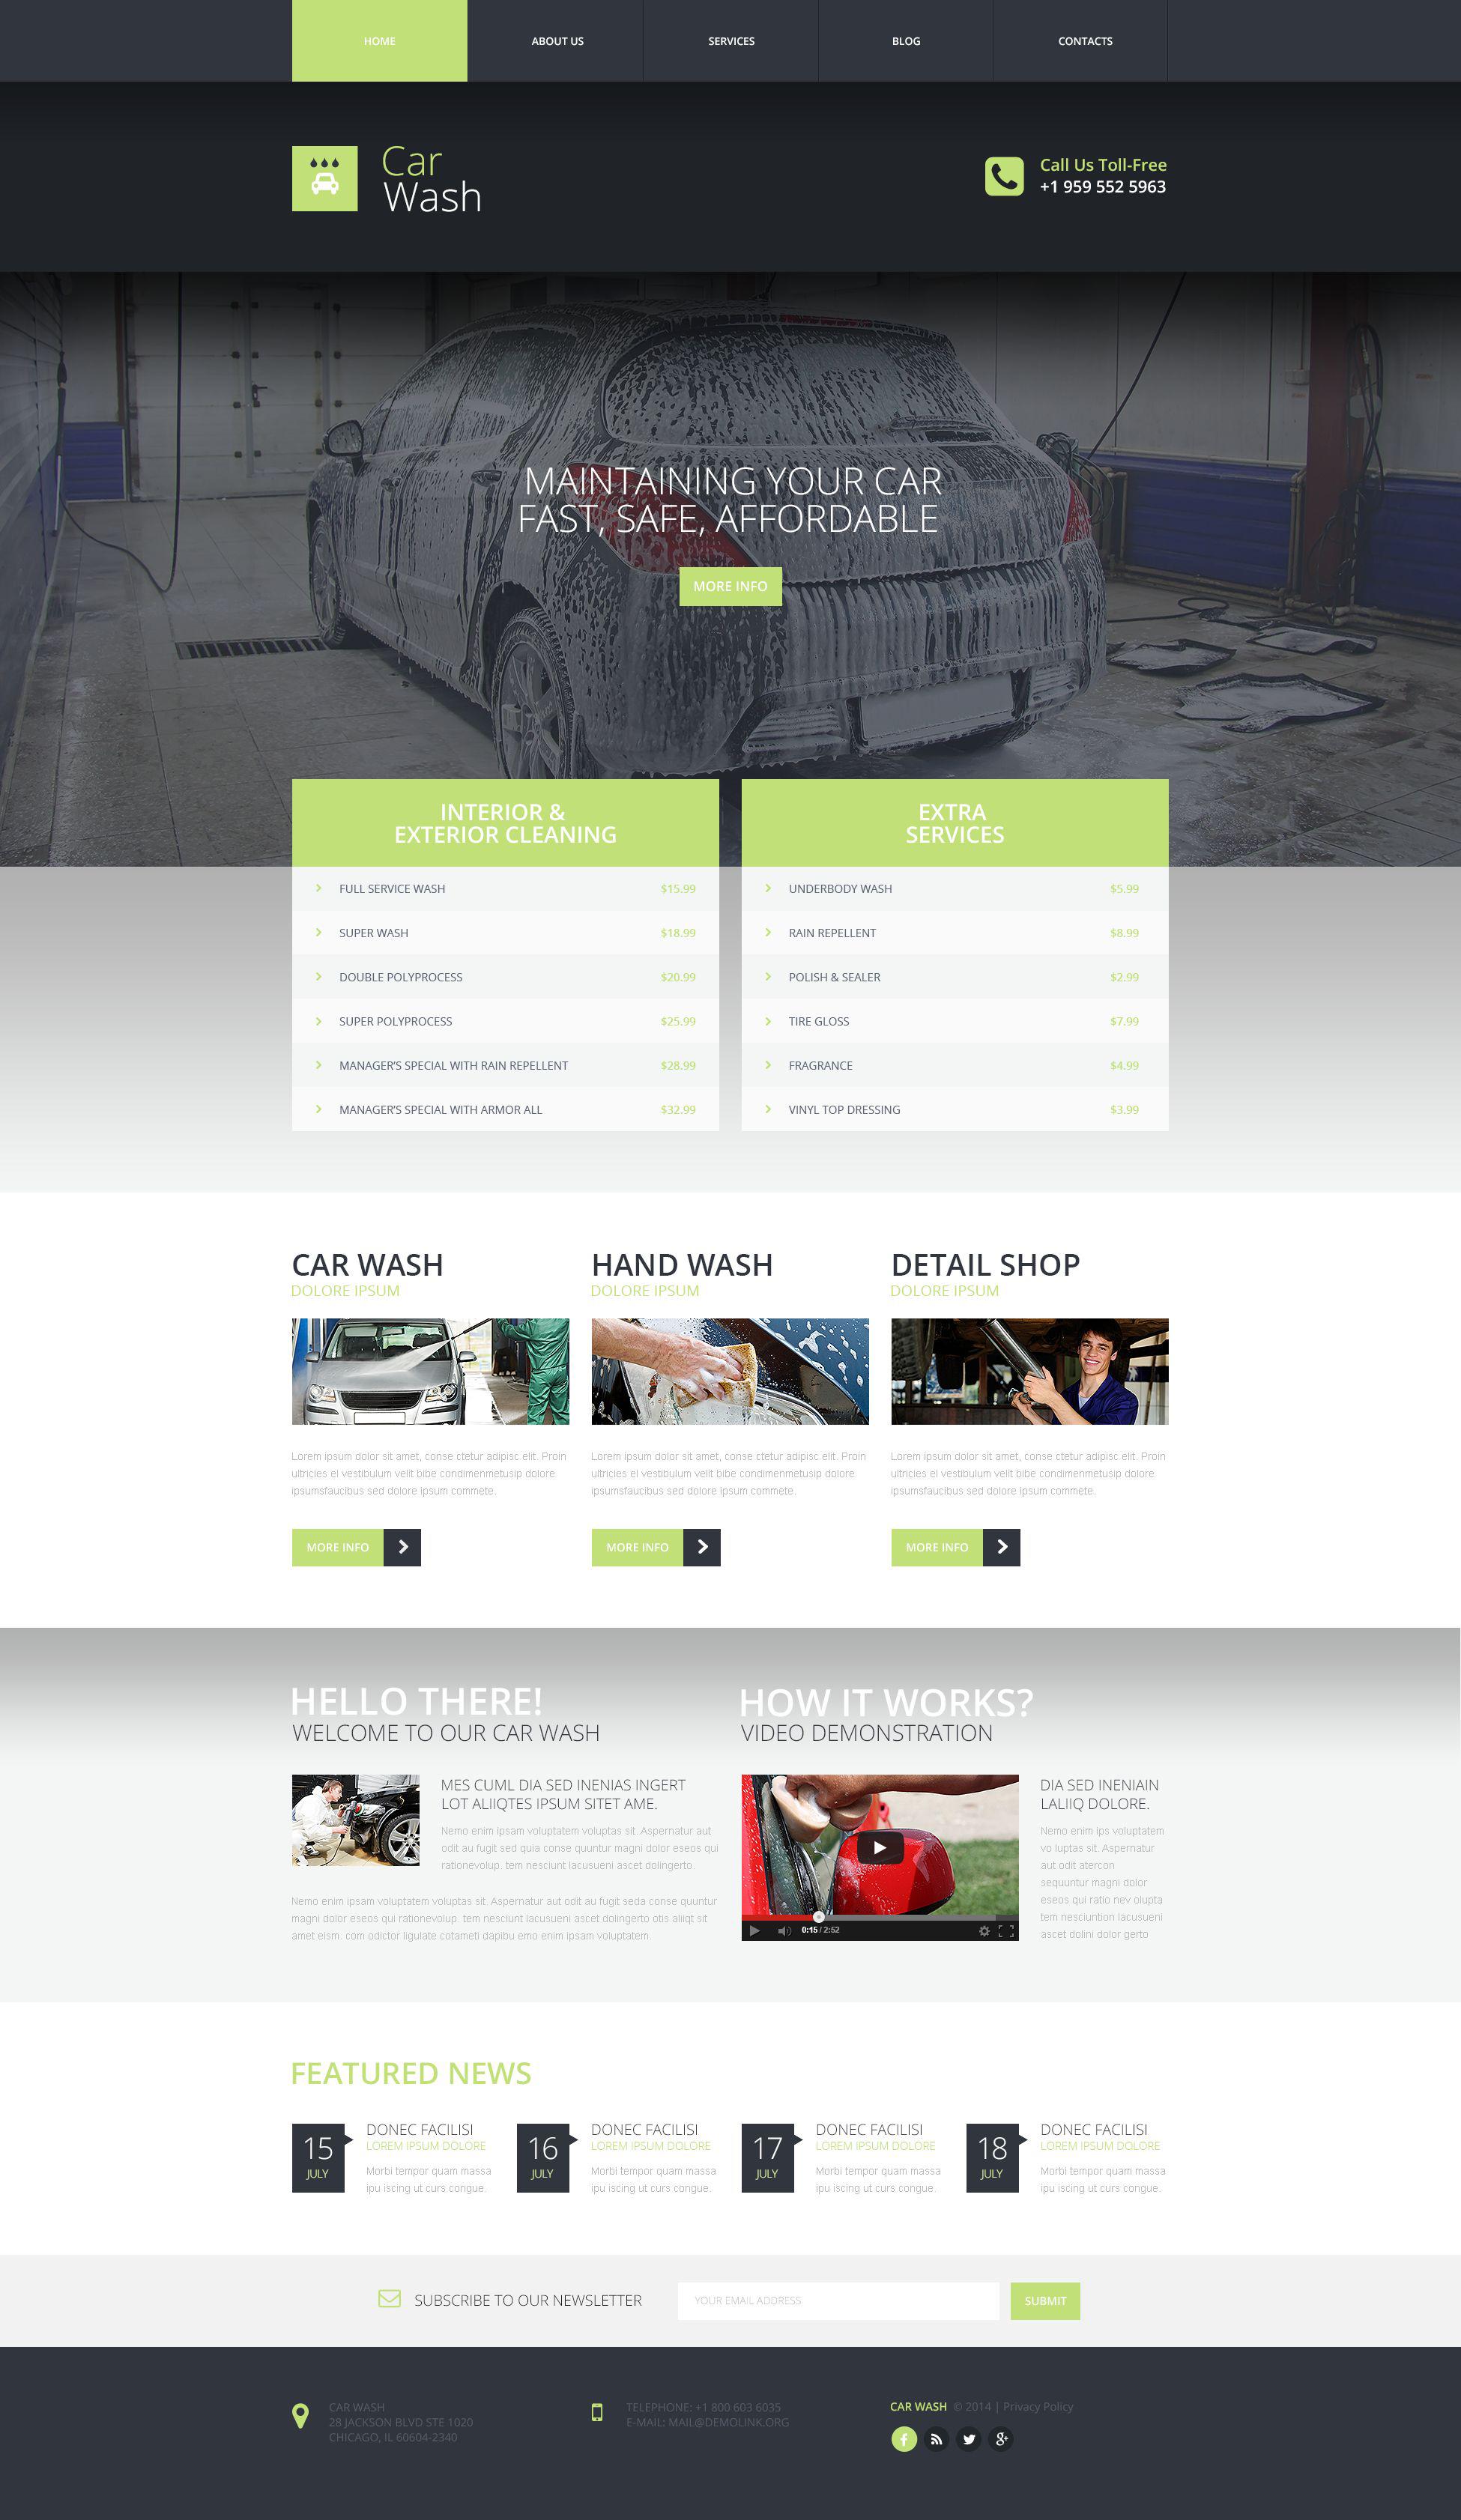 Plantilla Web Responsive para Sitio de Lavado de autos #53652